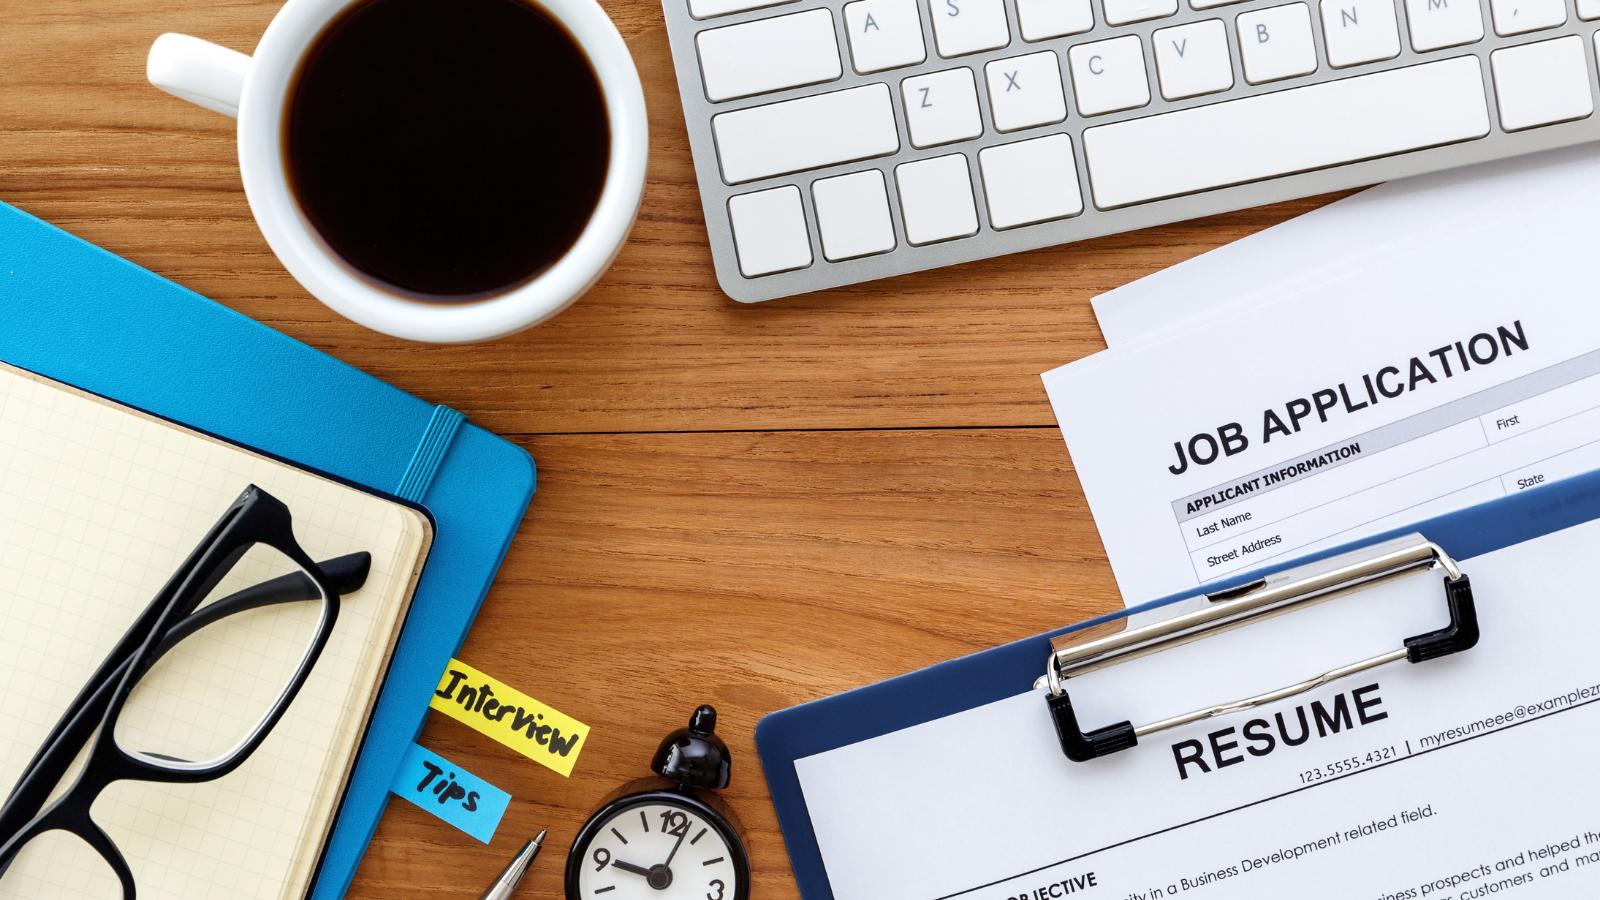 job application materials